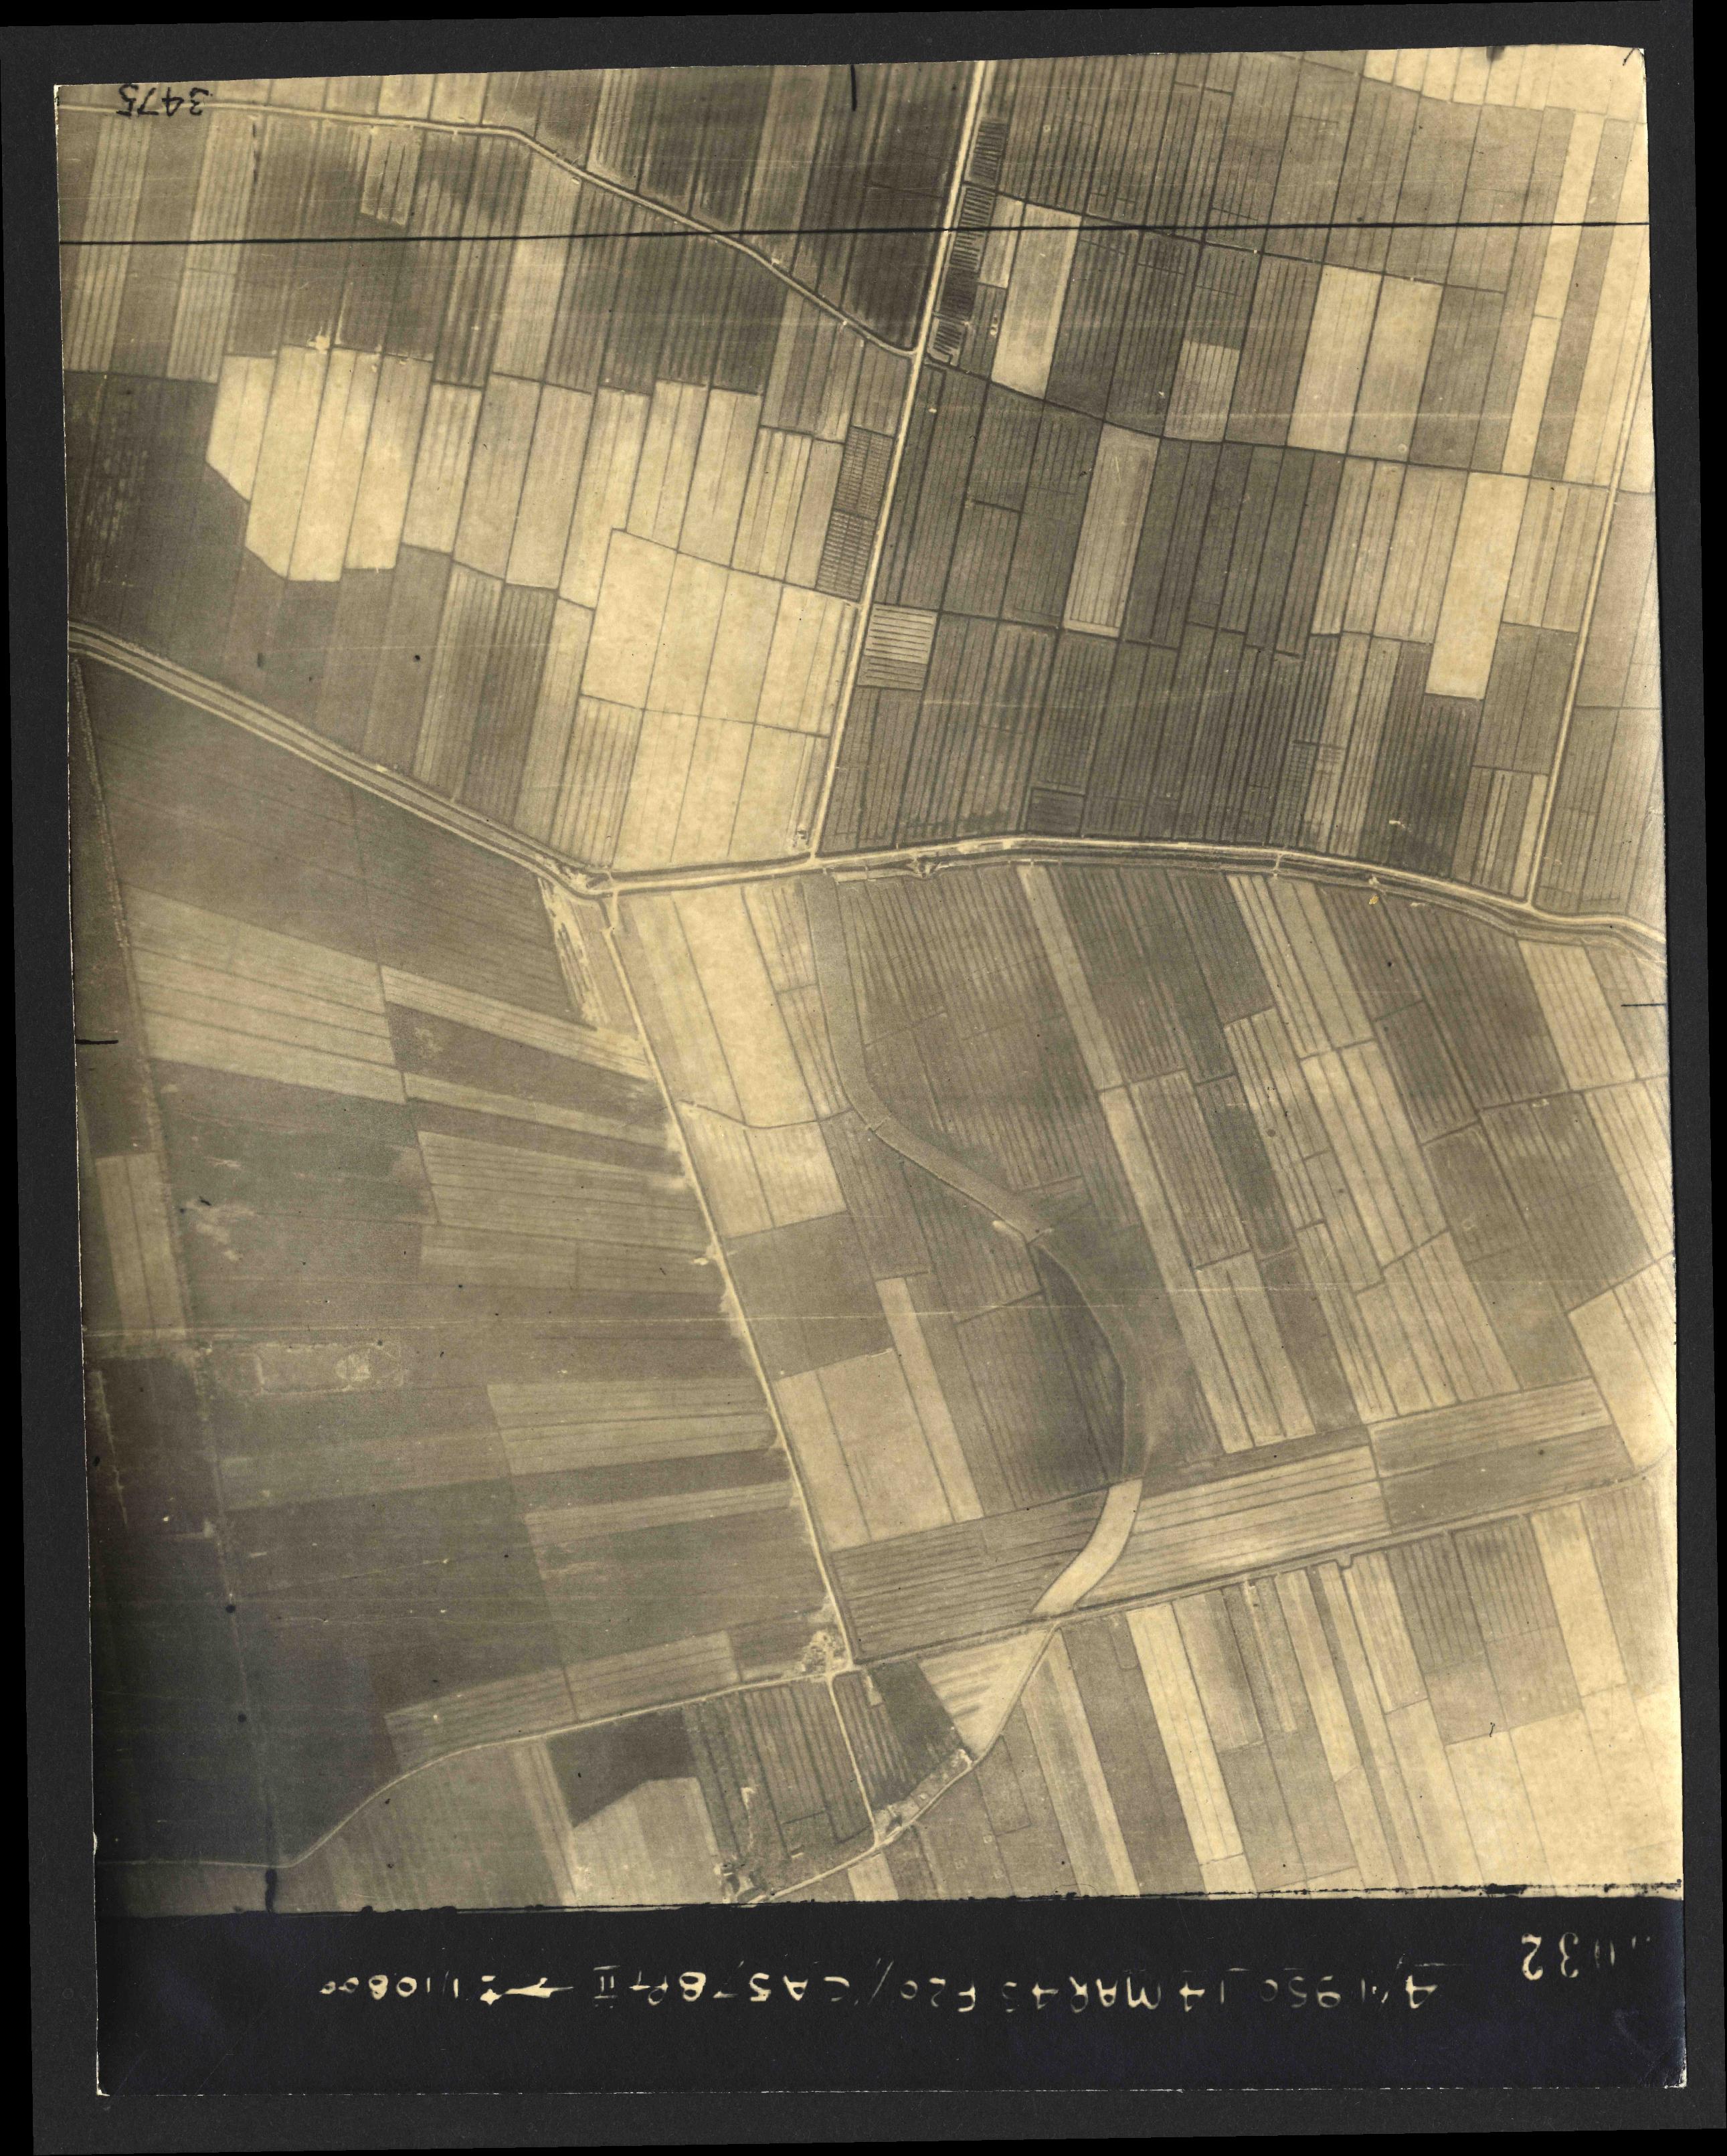 Collection RAF aerial photos 1940-1945 - flight 010, run 06, photo 3032